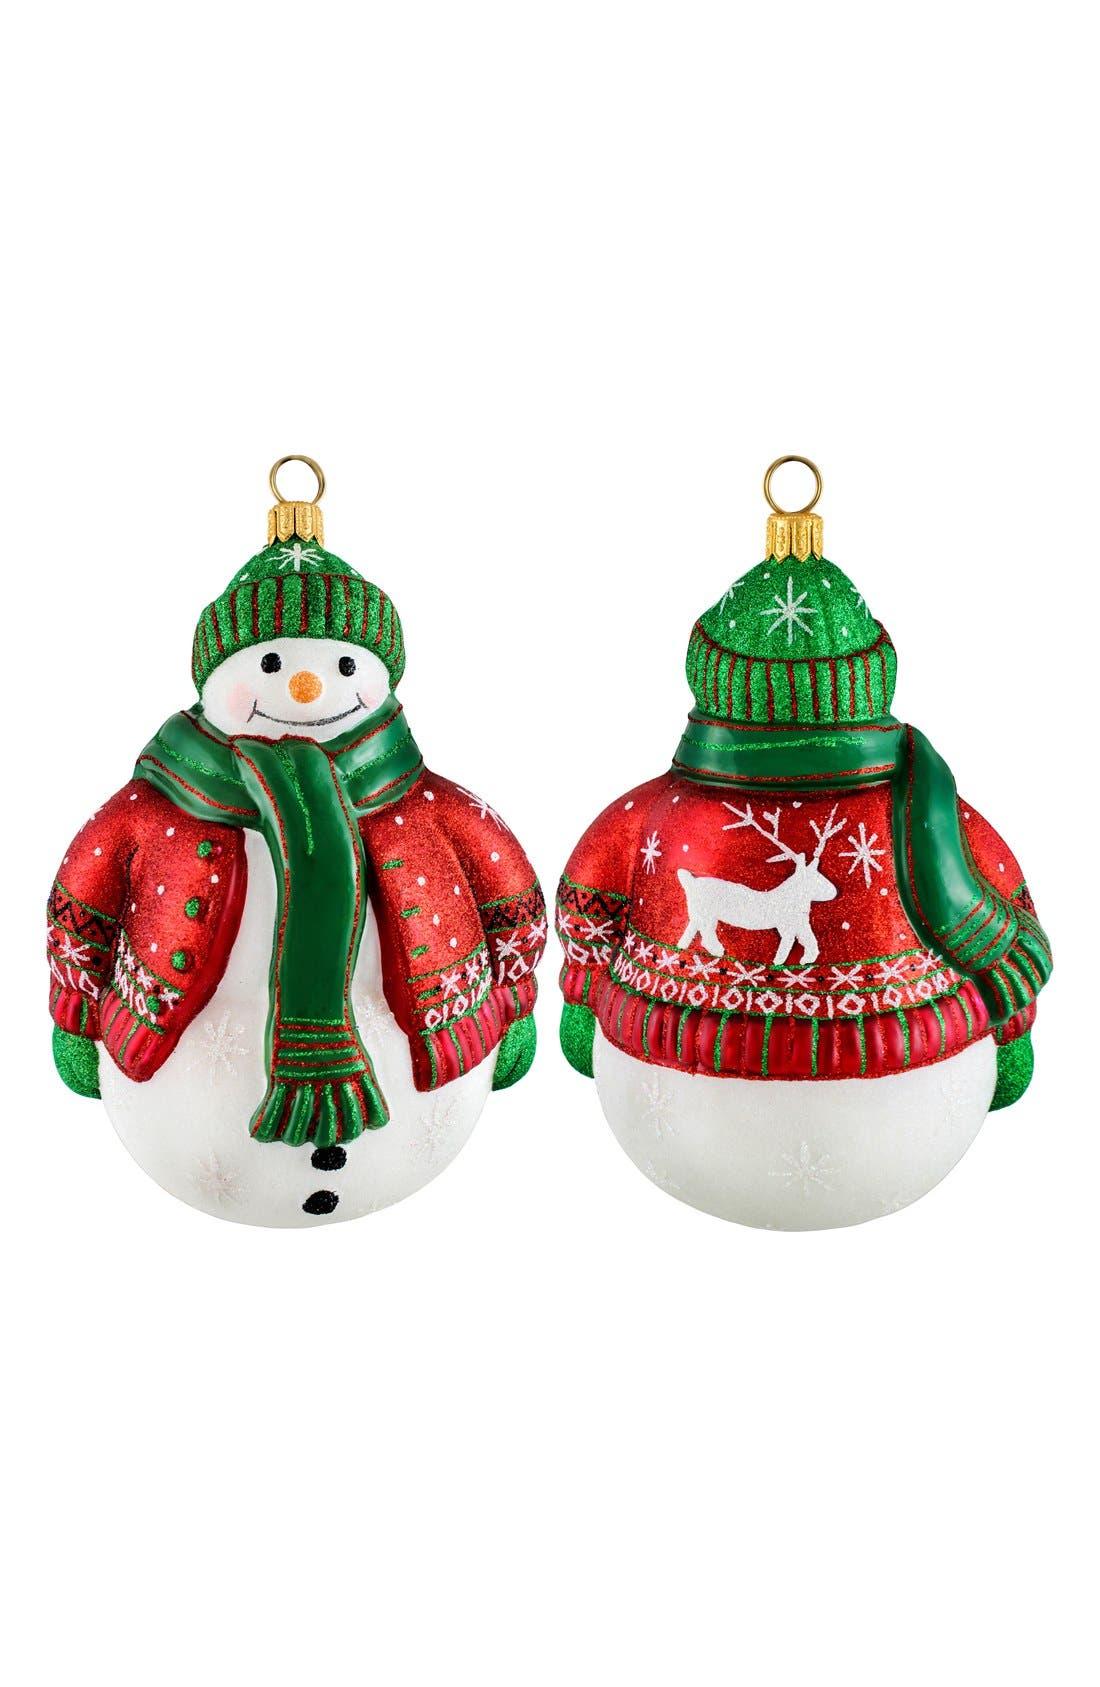 'Glitterazzi' Snowman Ornament,                         Main,                         color, Nordic